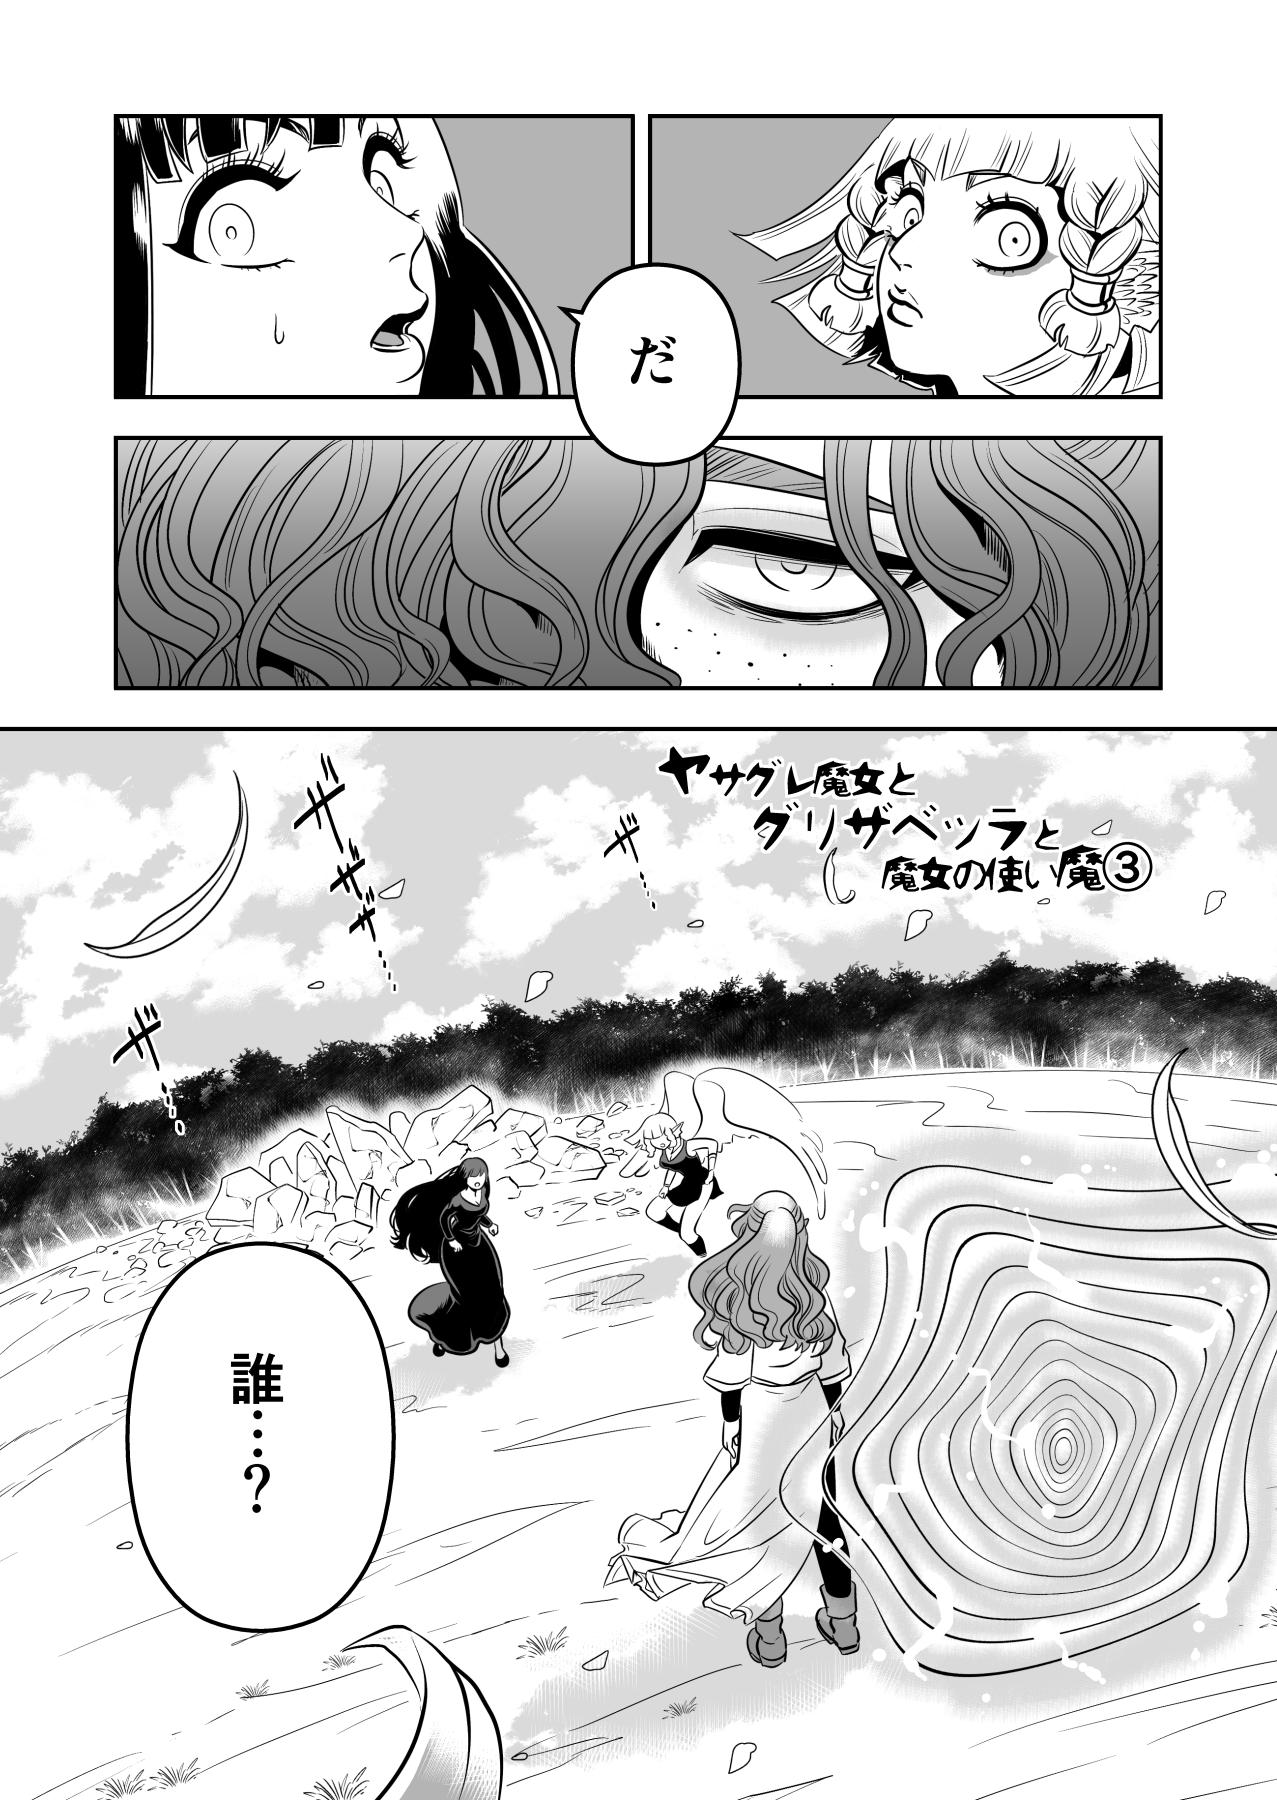 グリザベッラと魔女の使い魔③ (1)